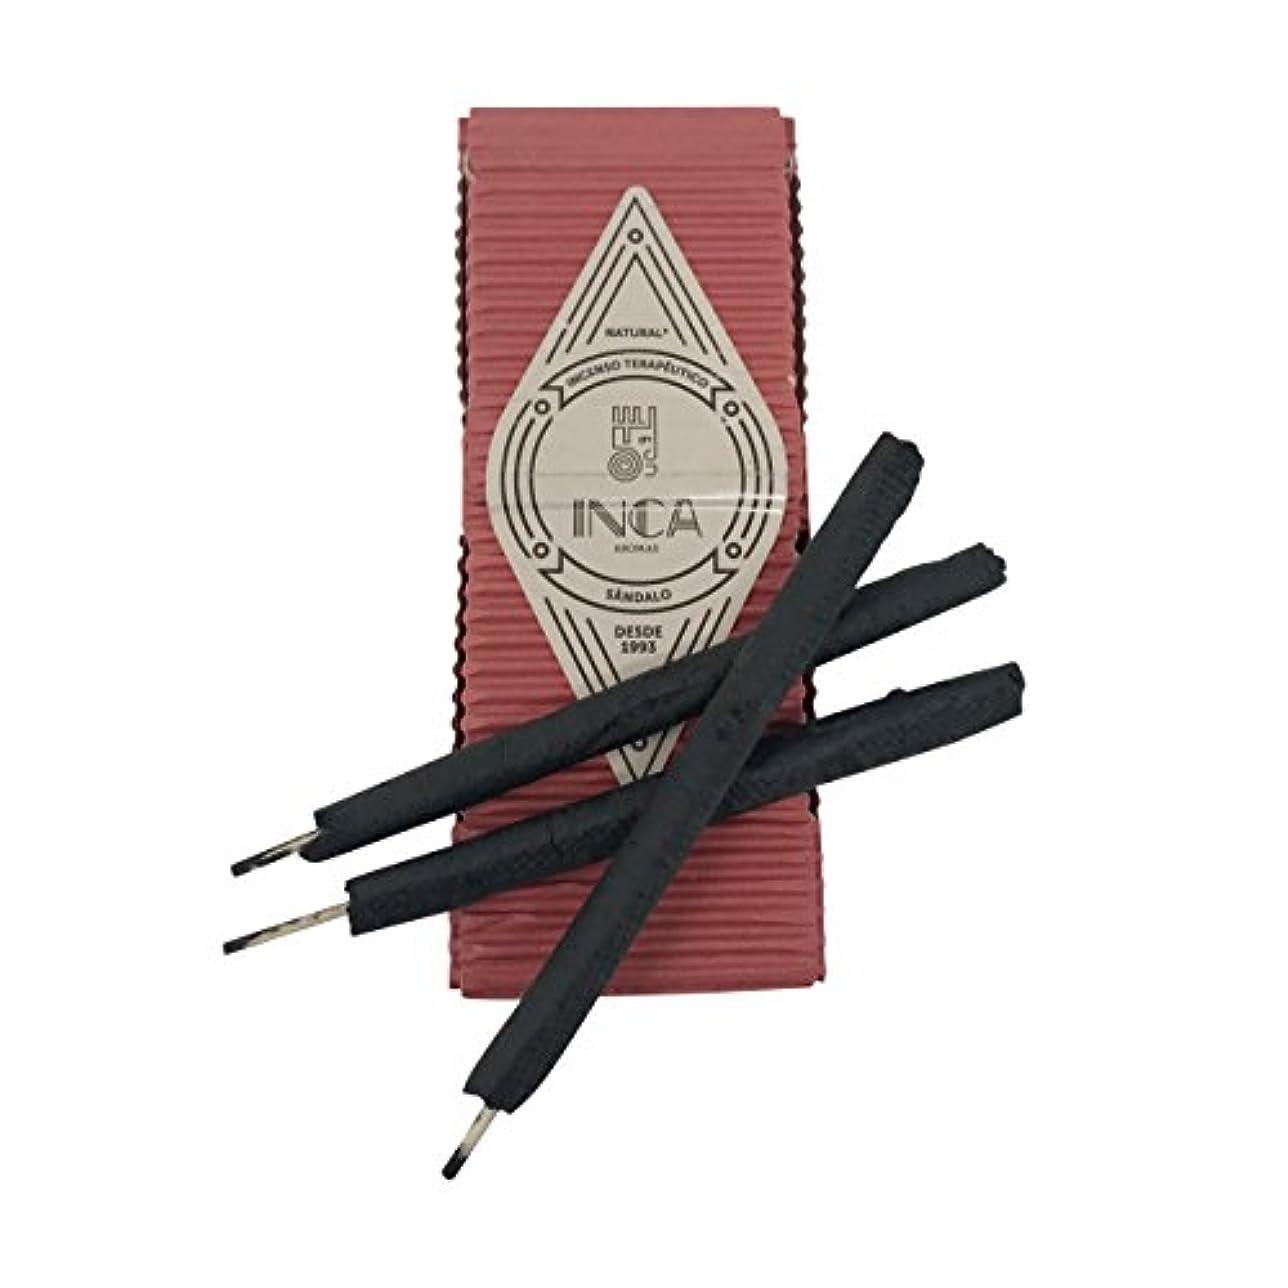 反動木曜日住む新しいボックスの9プレミアムSandalwood Incense Sticks :手作り100 %ナチュラル、アーティザンand Therapeutic Incense Stickからのブラジルアマゾンフォレスト、経験正...